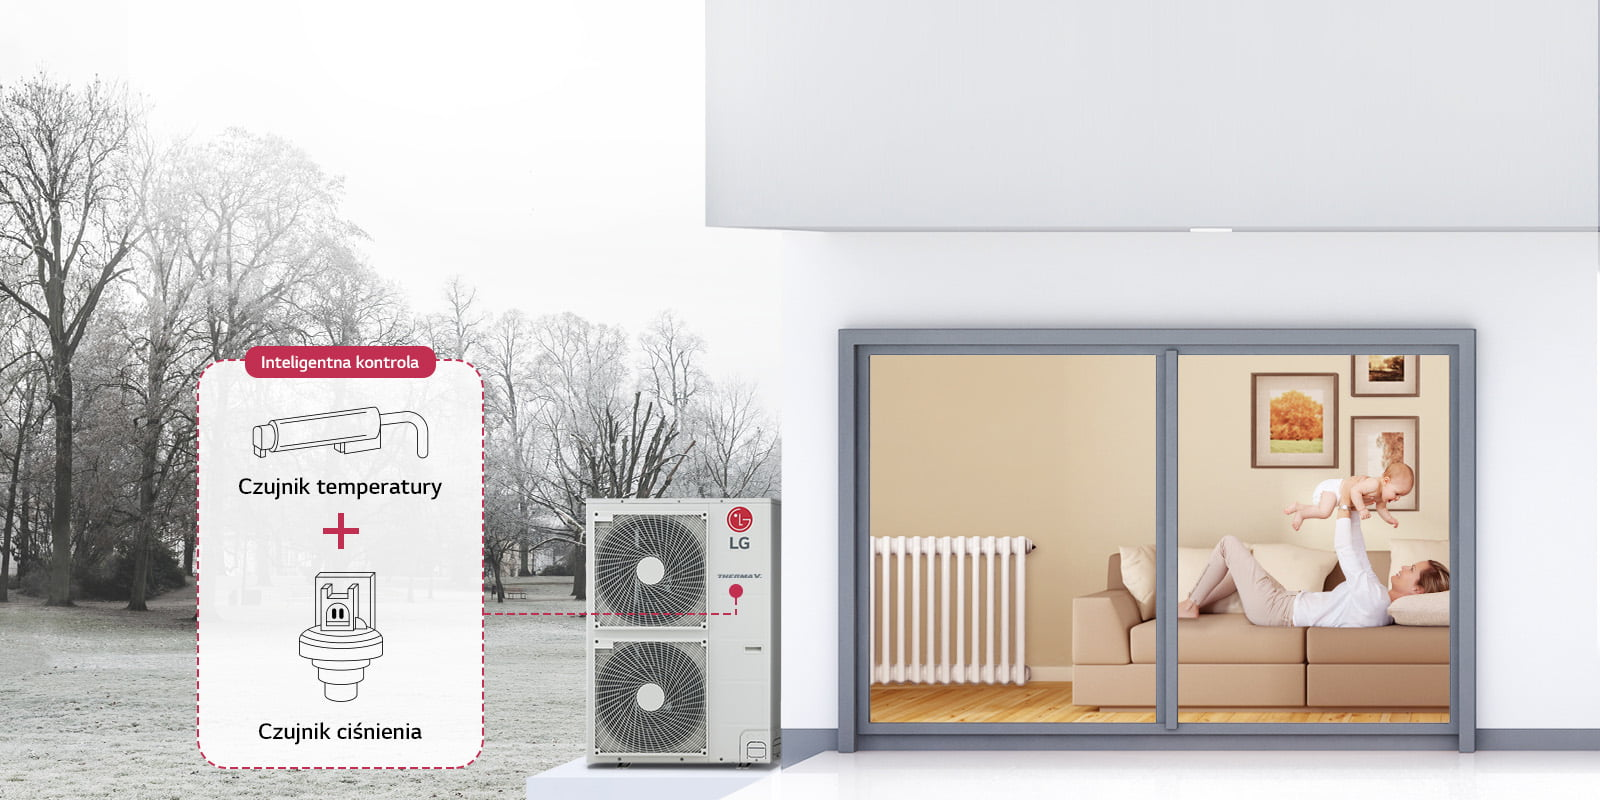 Kontrola ciśnienia oraz temperatury czynnika chłodnicznego pozwala na sprawne reagowanie na zmiany obciążenia.